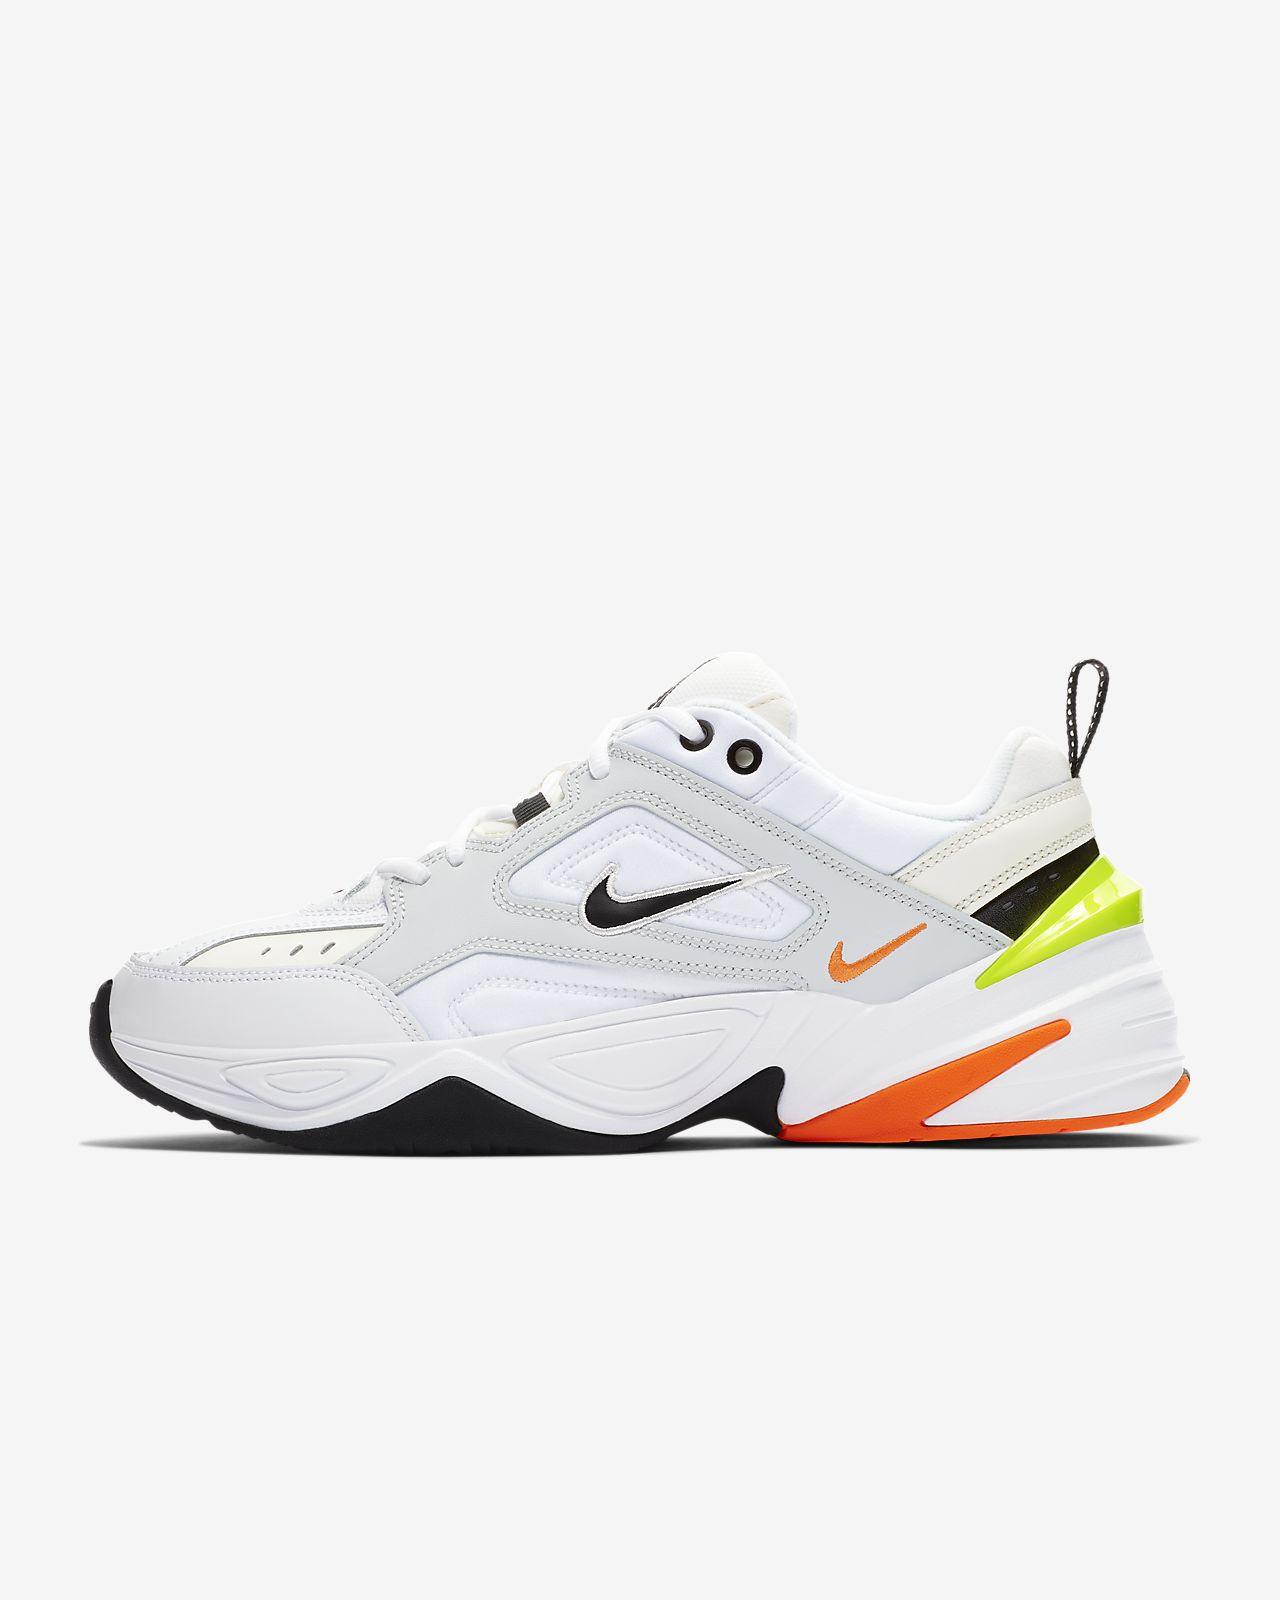 online store d5536 f0a85 ... Nike M2K Tekno-sko til mænd